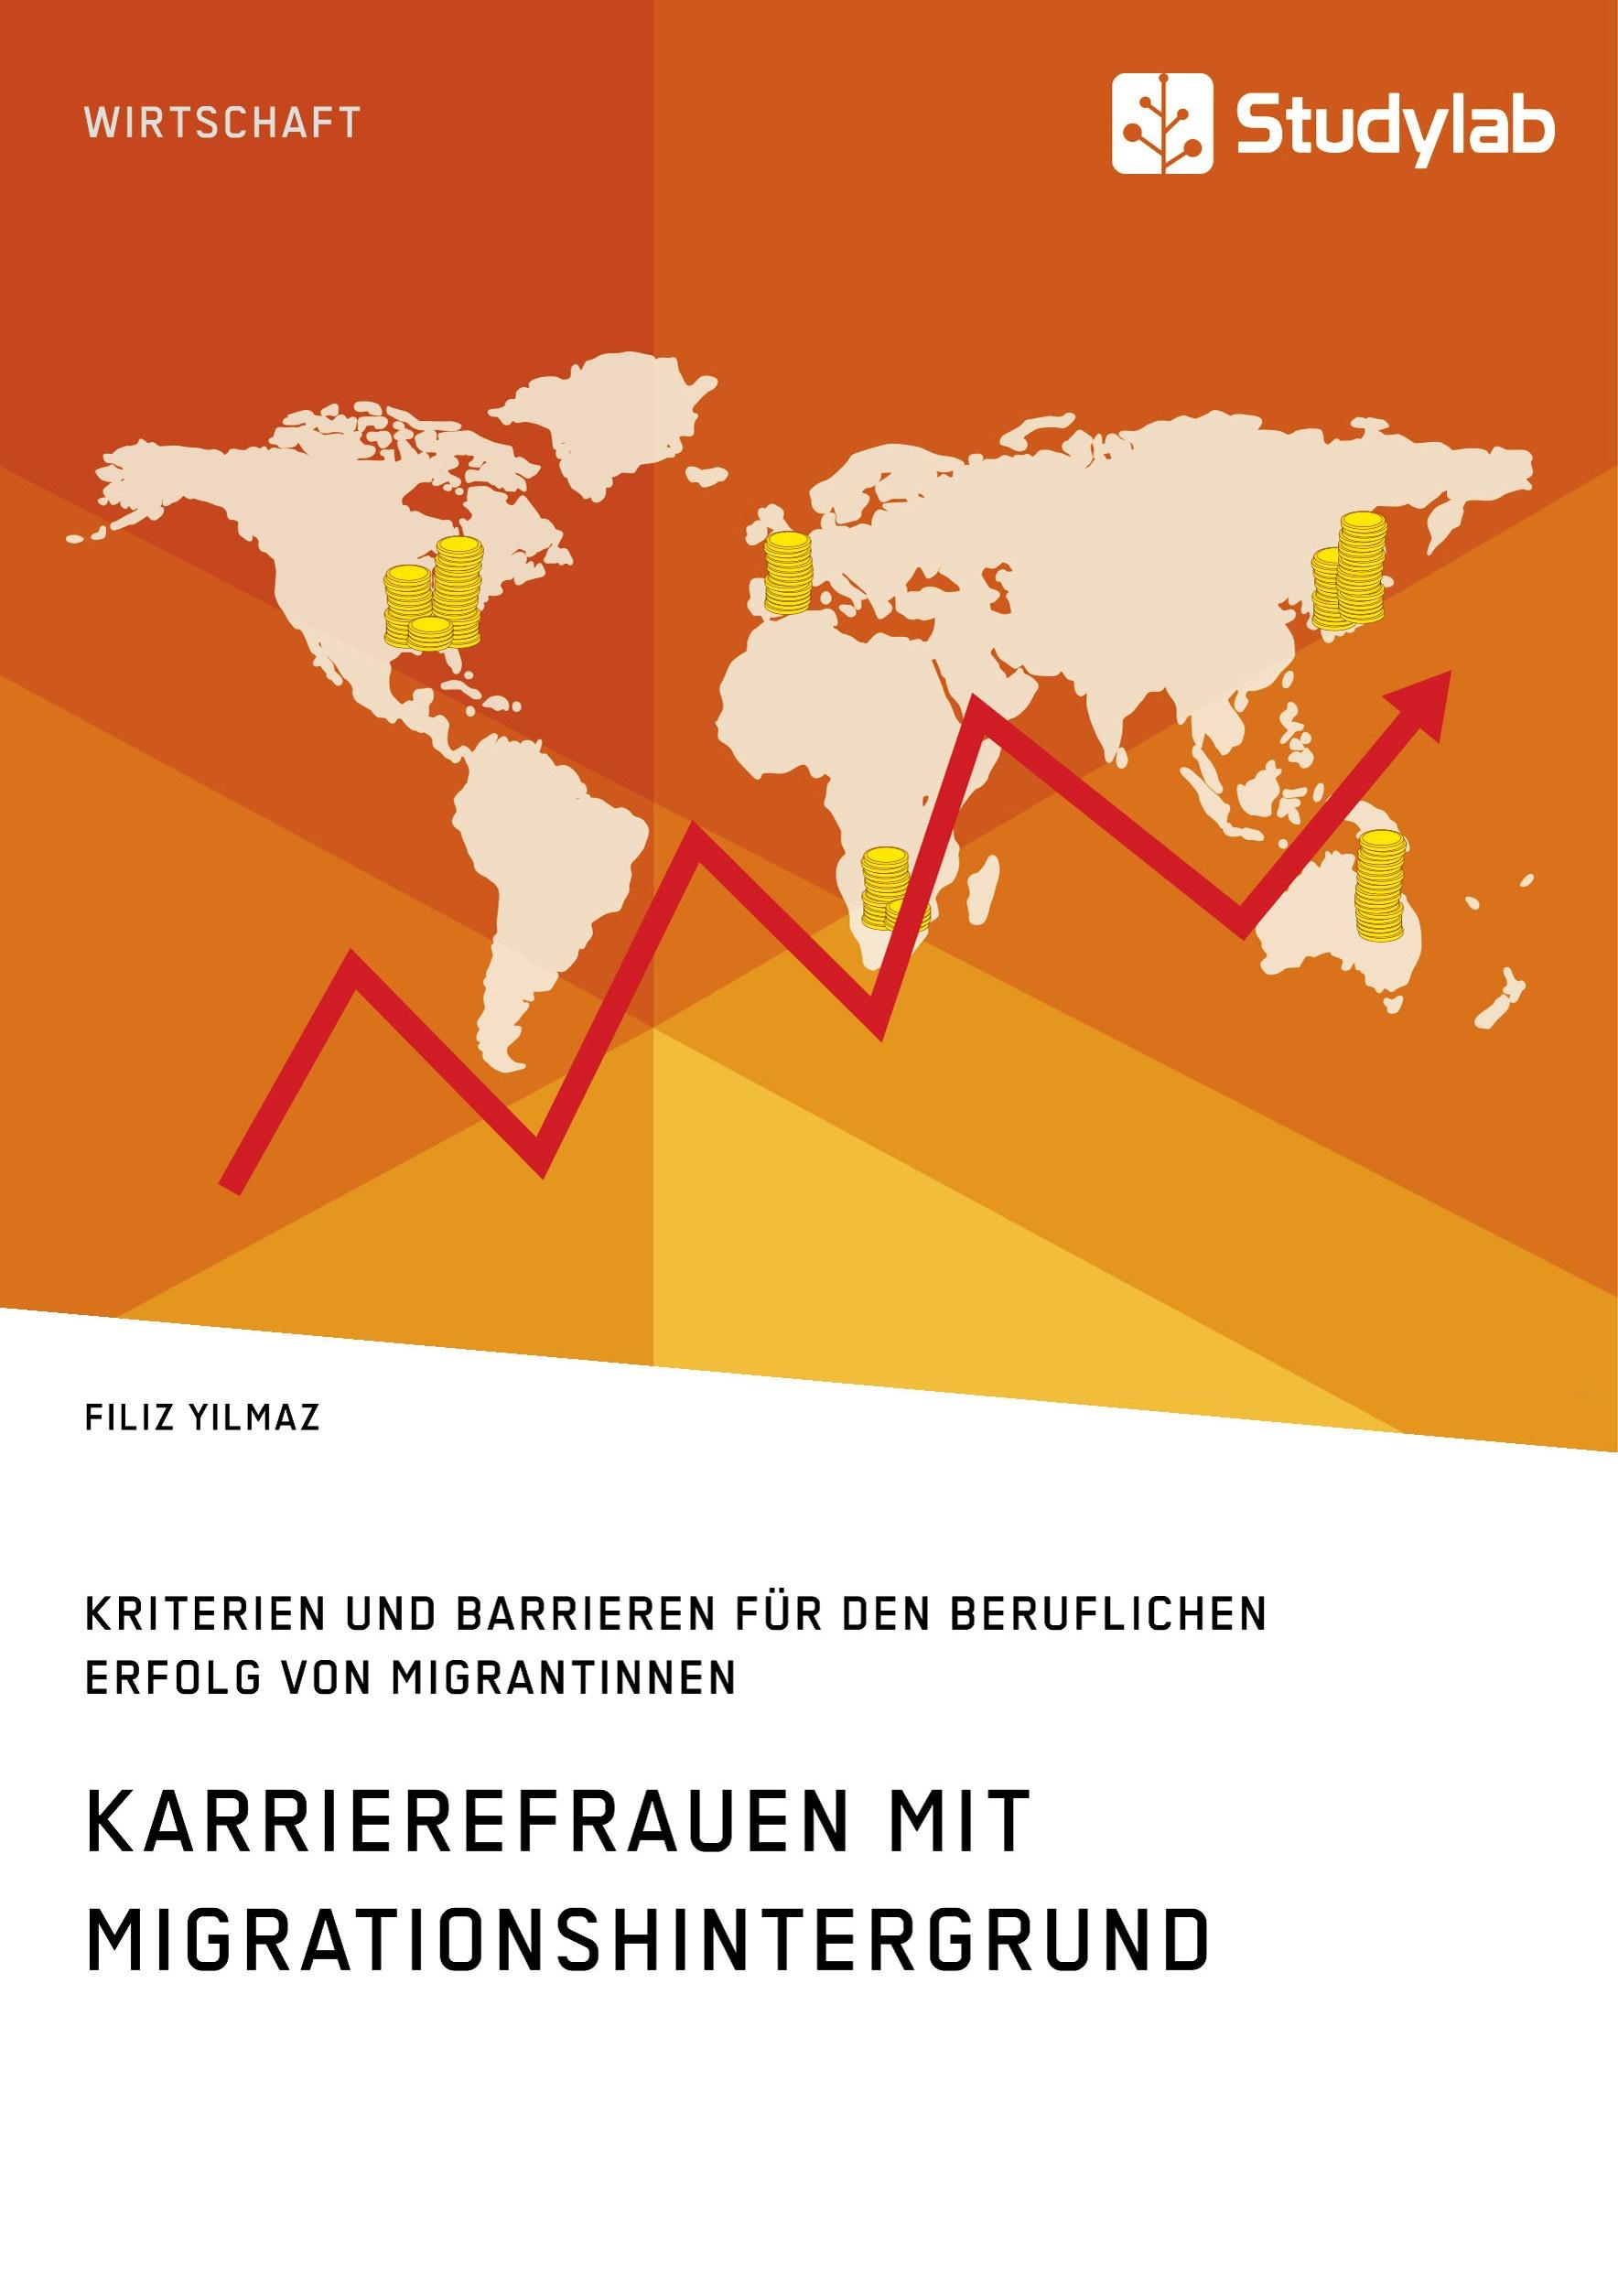 Titel: Karrierefrauen mit Migrationshintergrund. Kriterien und Barrieren für den beruflichen Erfolg von Migrantinnen